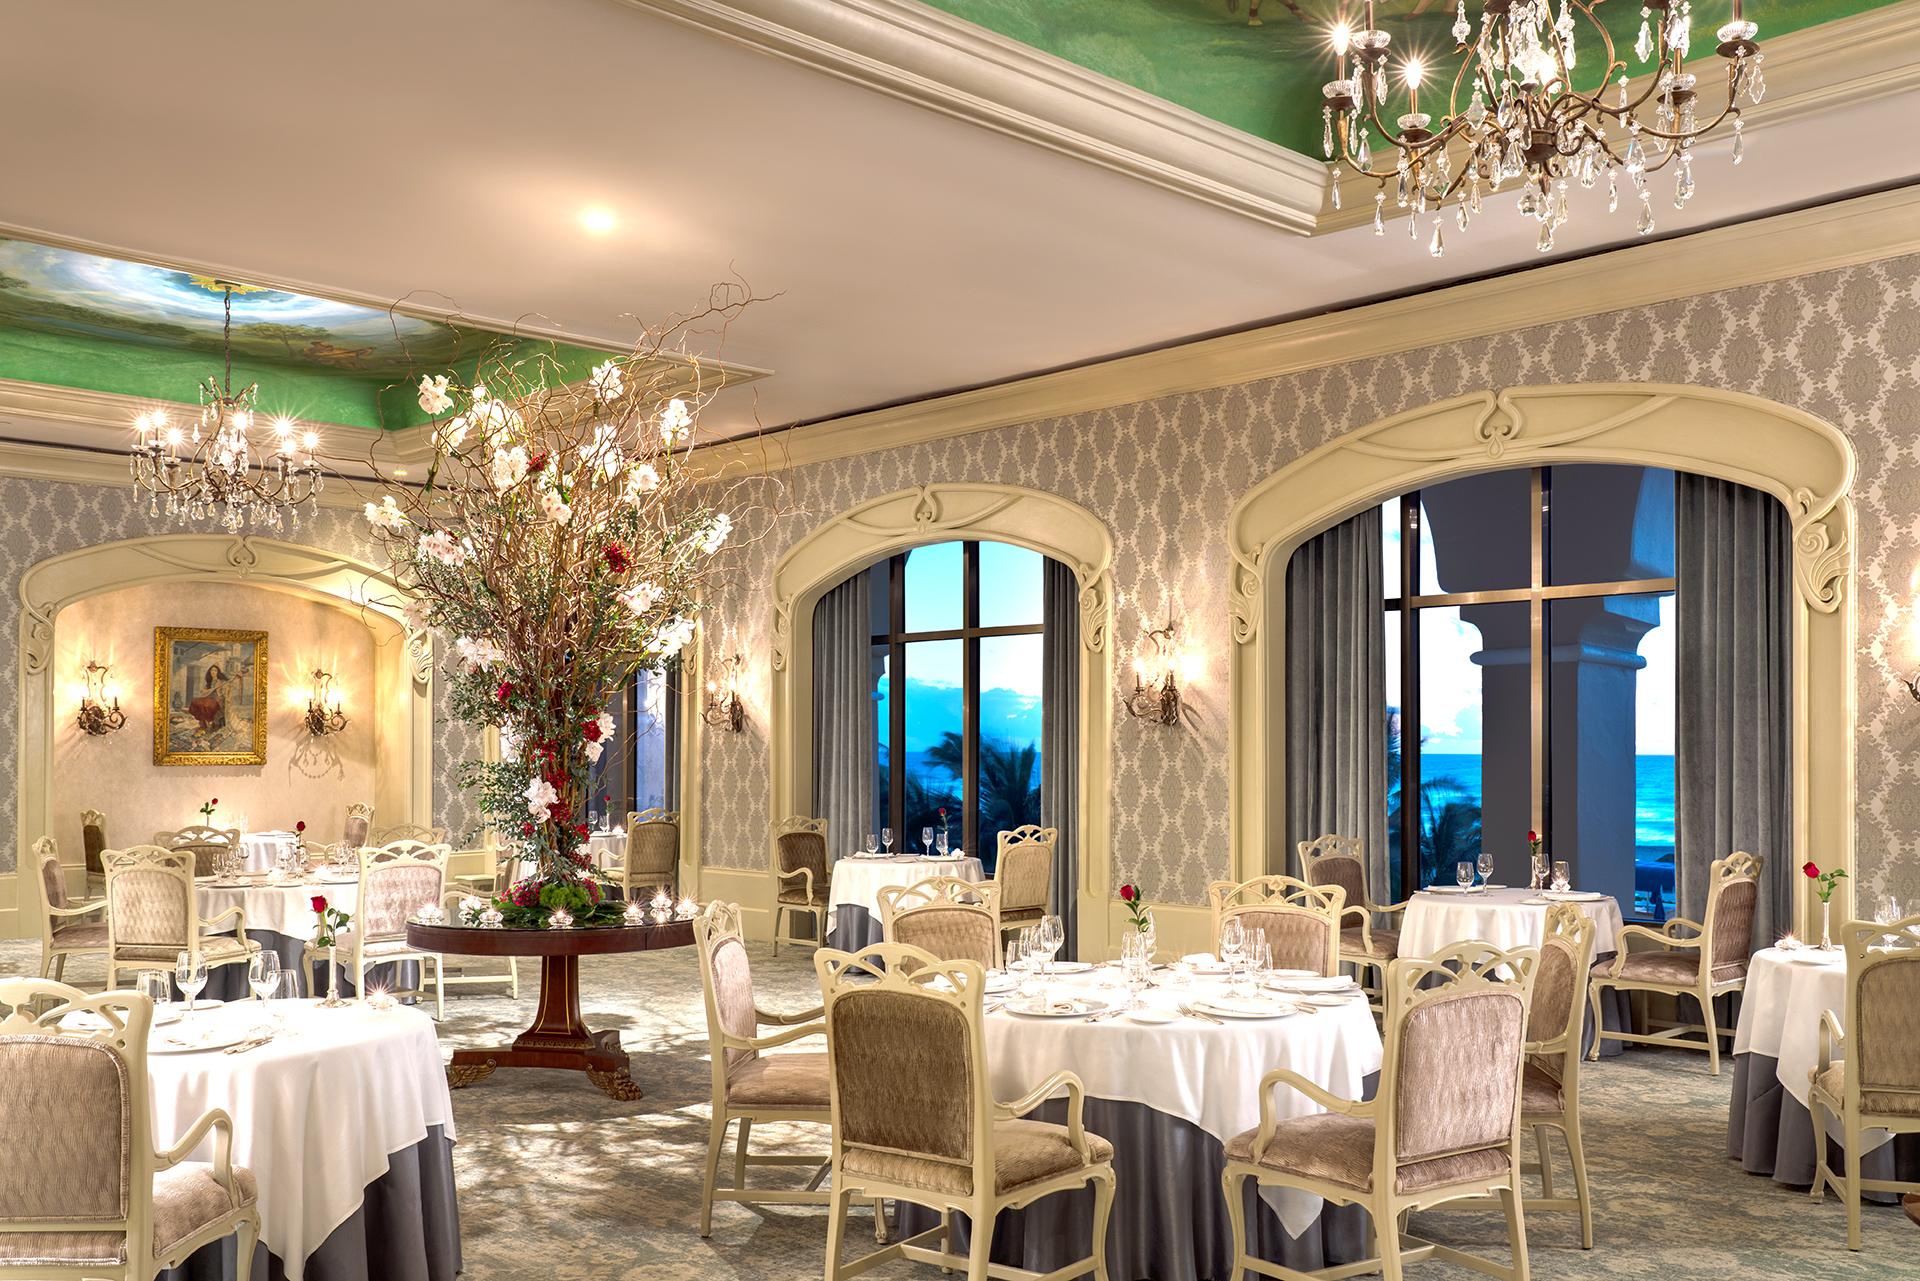 Fantino The Ritz-Carlton Cancún